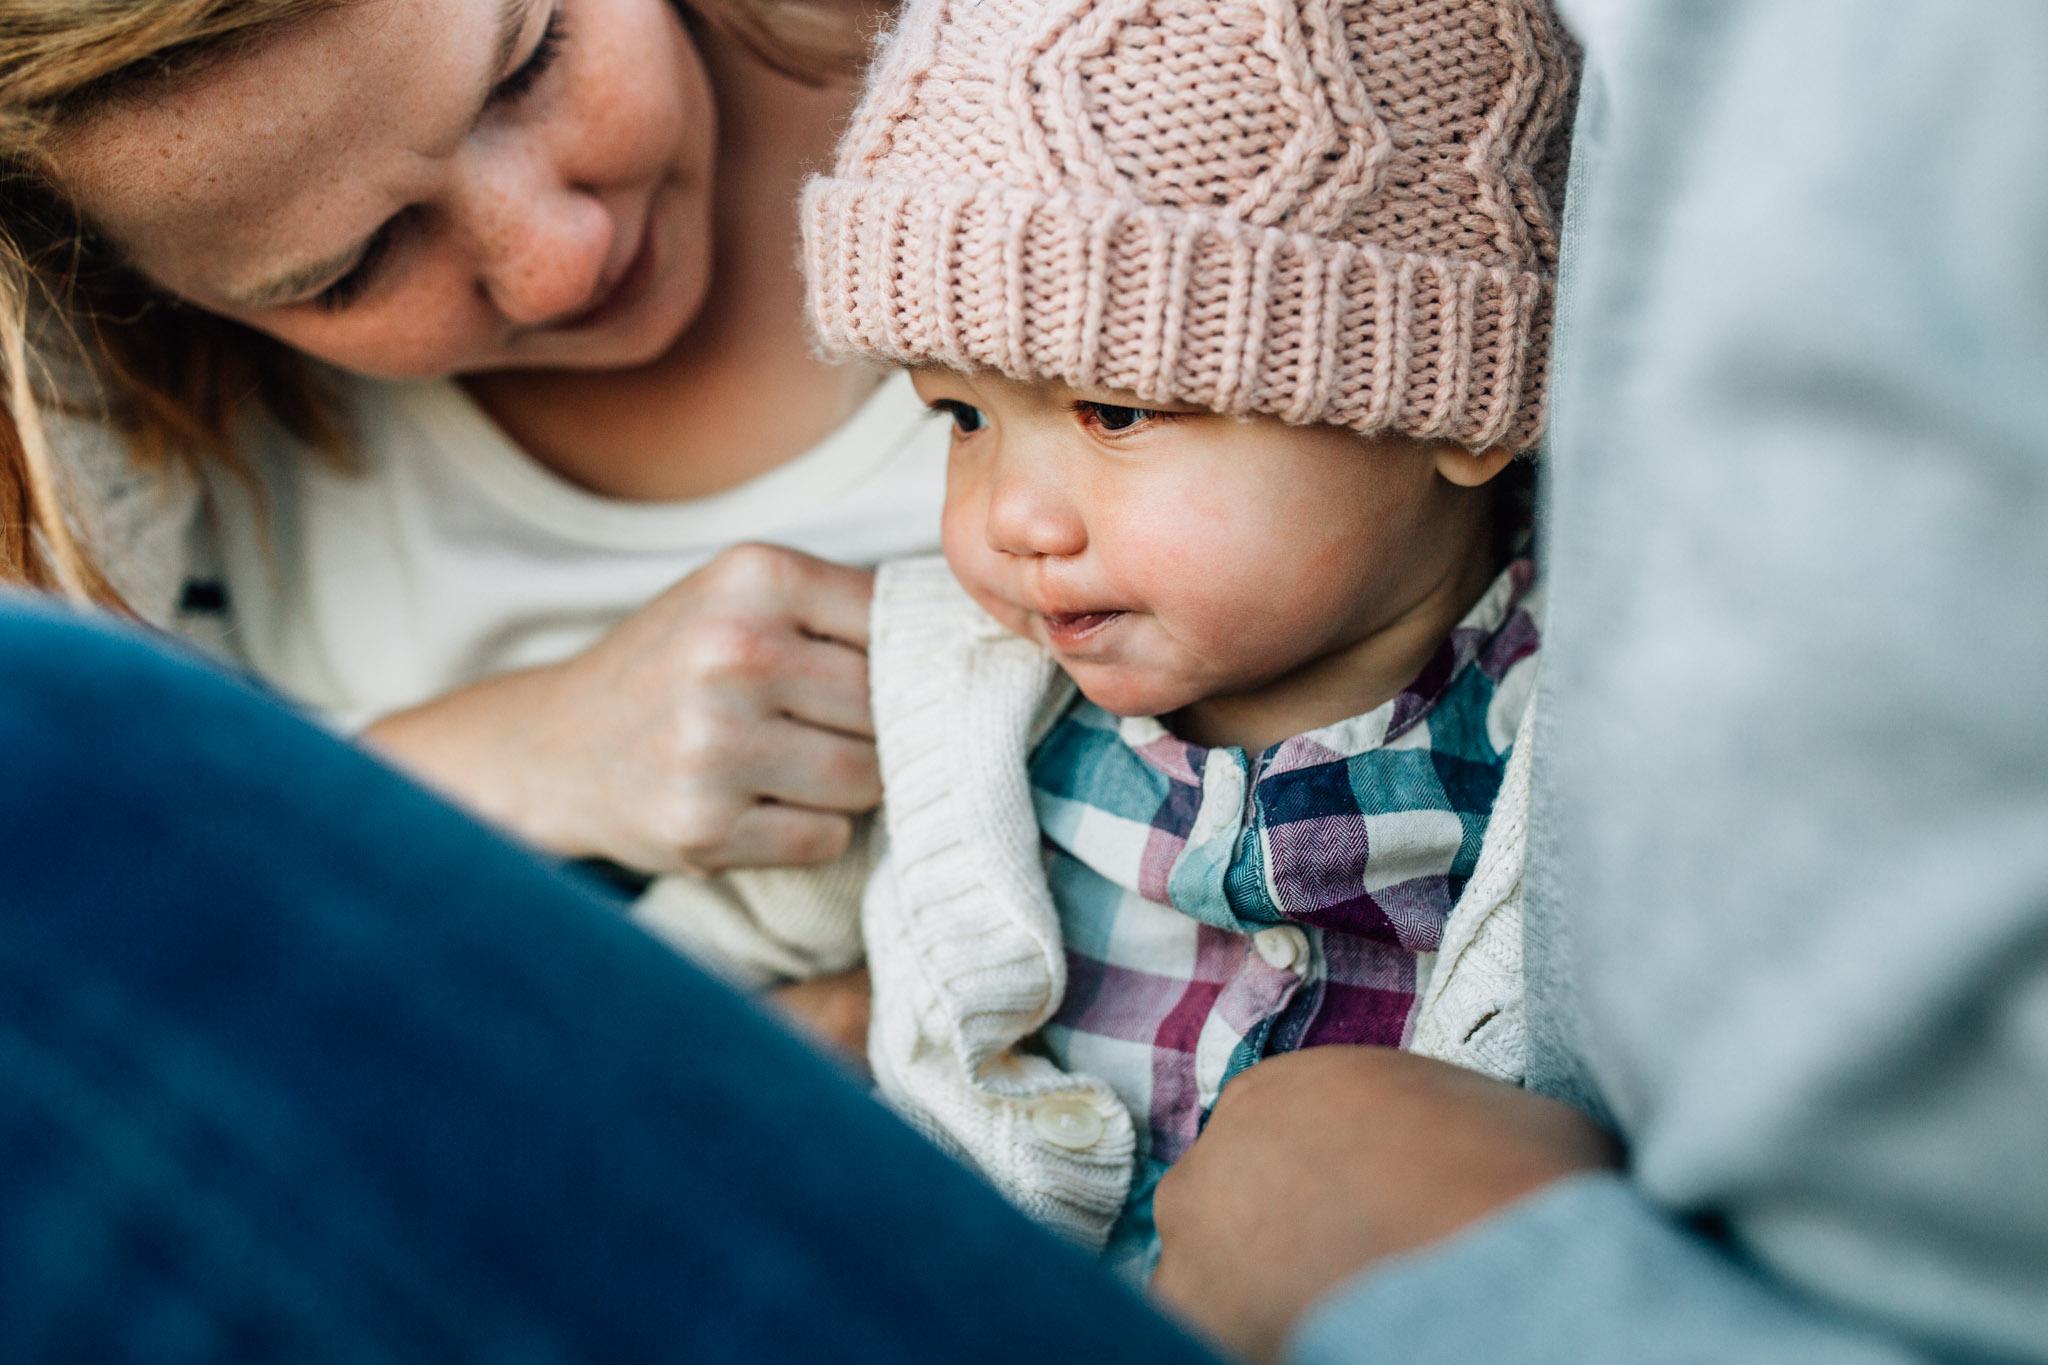 little-girl-resint-in-parents-lap (1 of 1).jpg